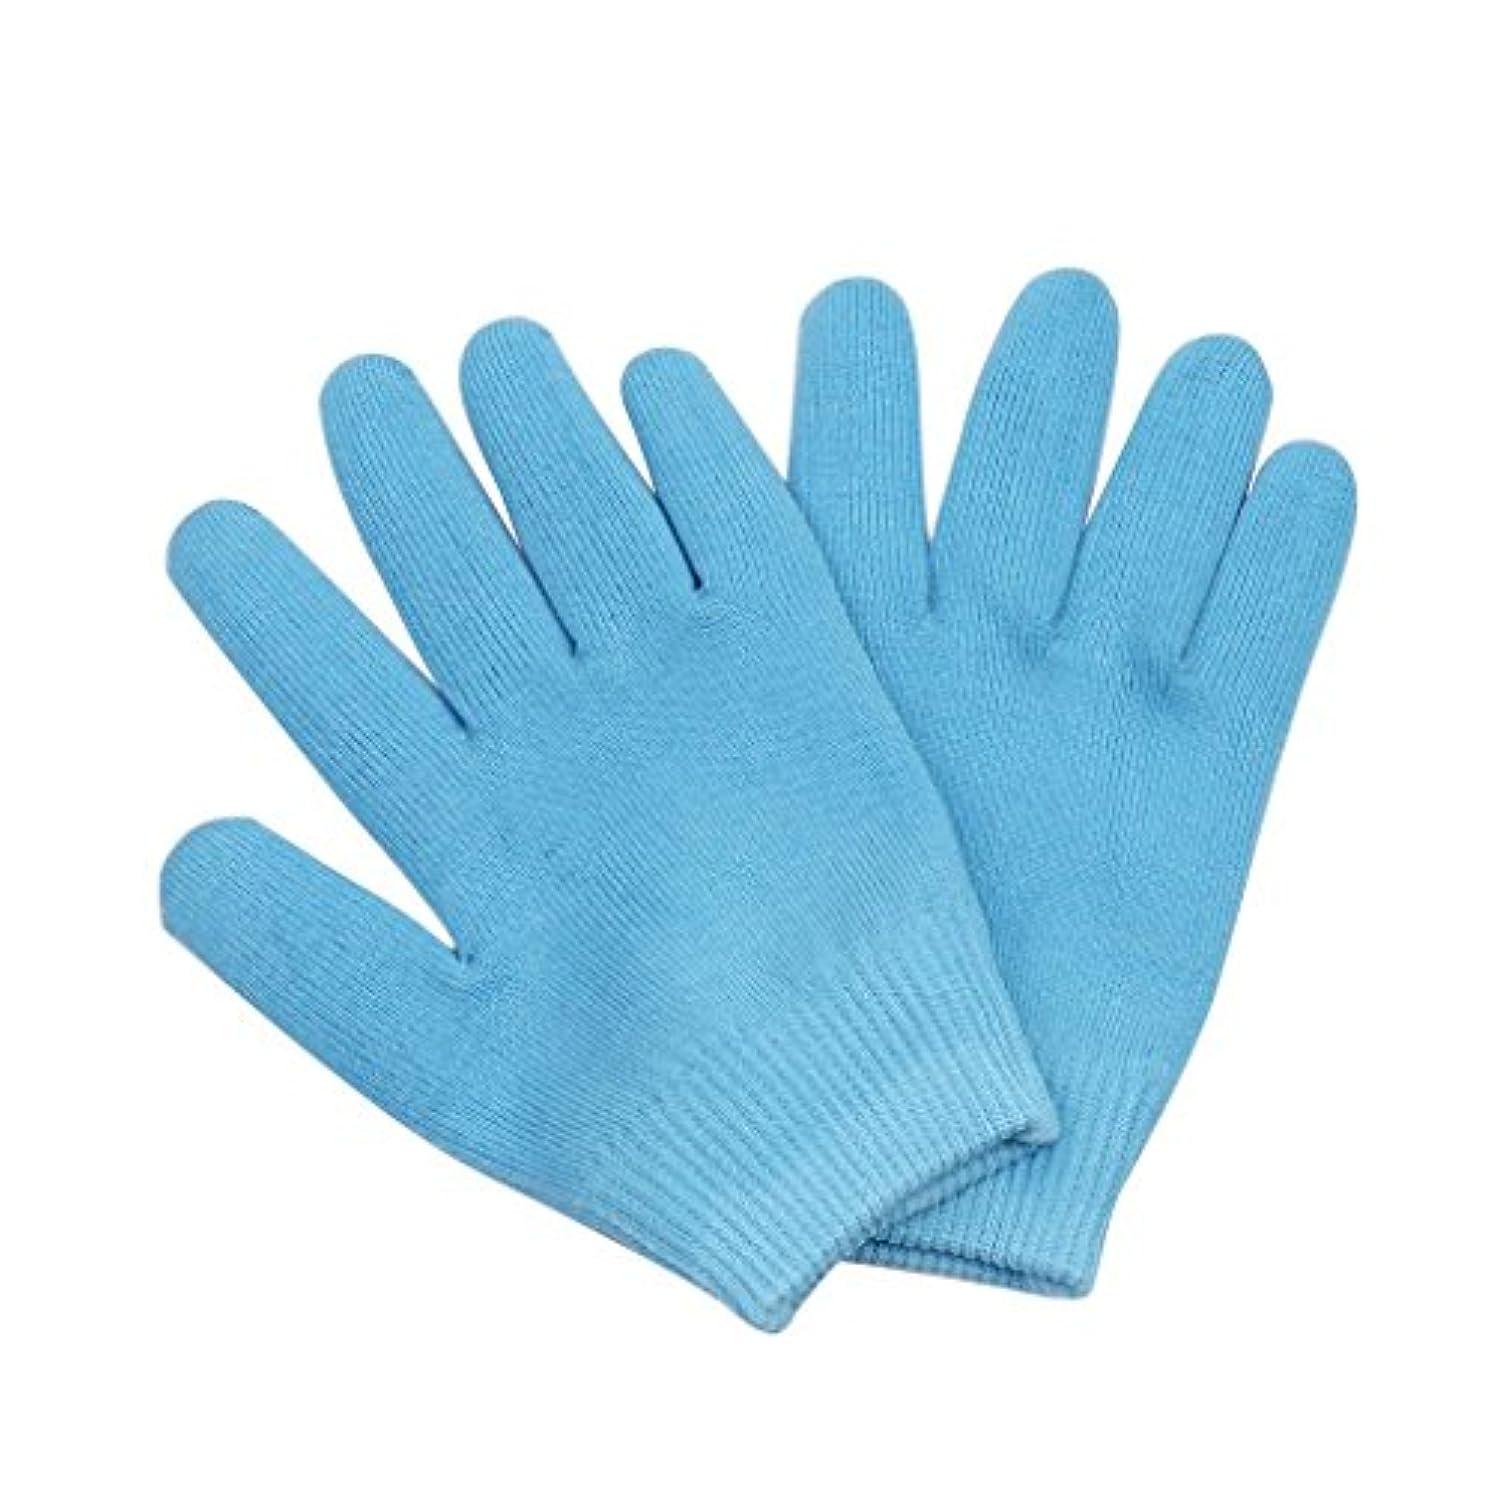 コントロール下位失業SONONIA 保湿手袋 おやすみ手袋 就寝用 手袋 手湿疹 肌荒れ 乾燥防止 乾燥肌 手荒れ 保湿 スキンケア 全3色選べ - ブルー